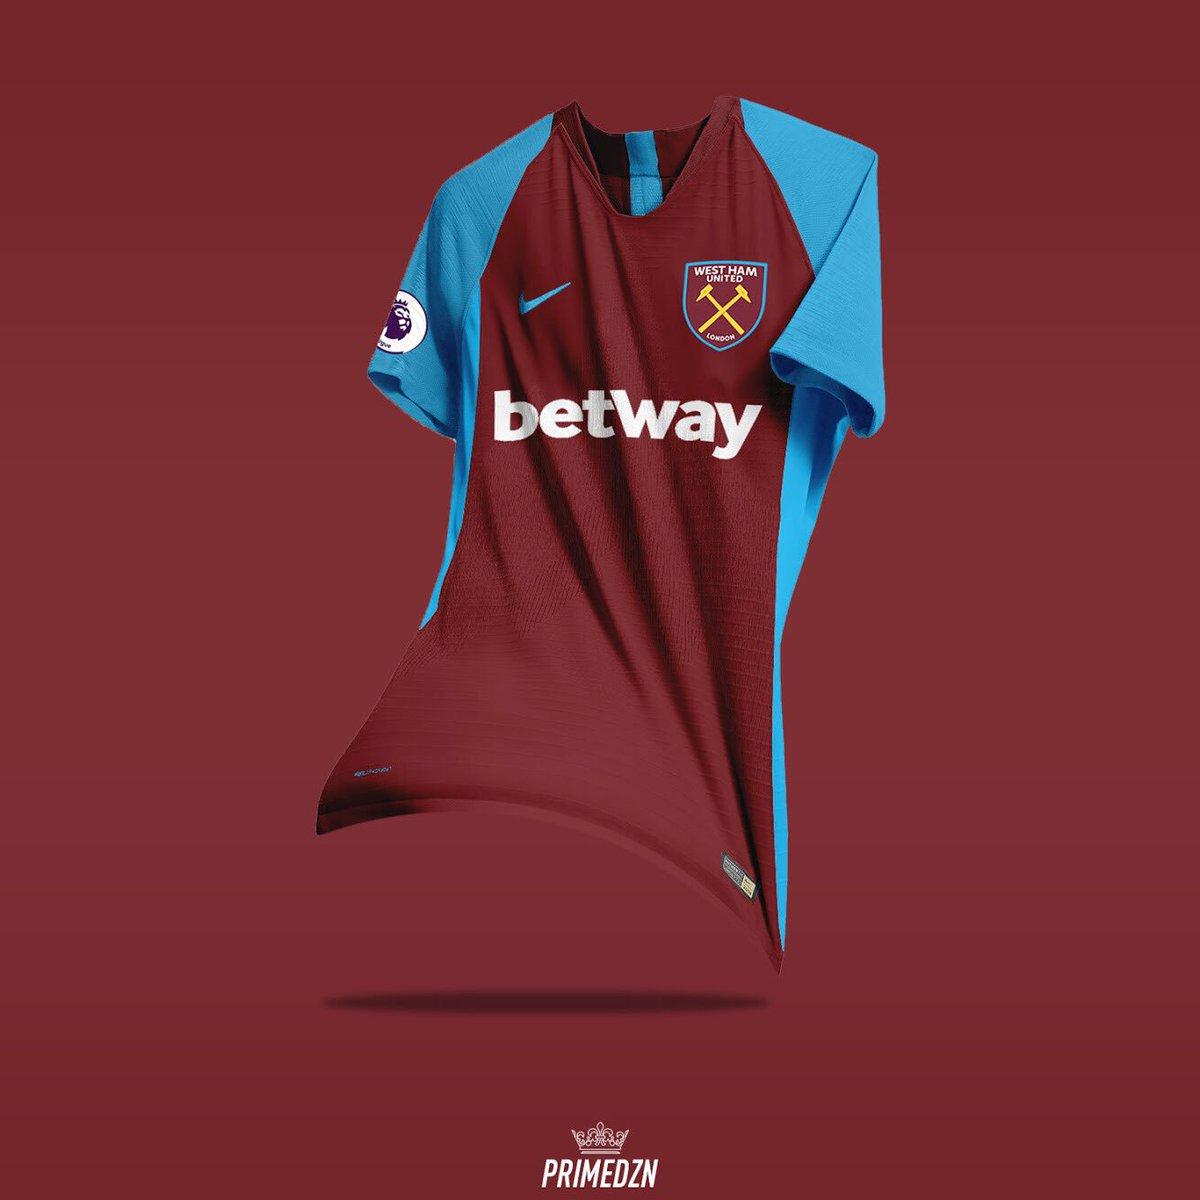 nike  football  kit  concept  design  west  ham  westham  united   photoshop  ad  WestHam Central  ExWHUemployee  WestHam flpic.twitter .com LuuBxodVNa 7c5e6f6bf